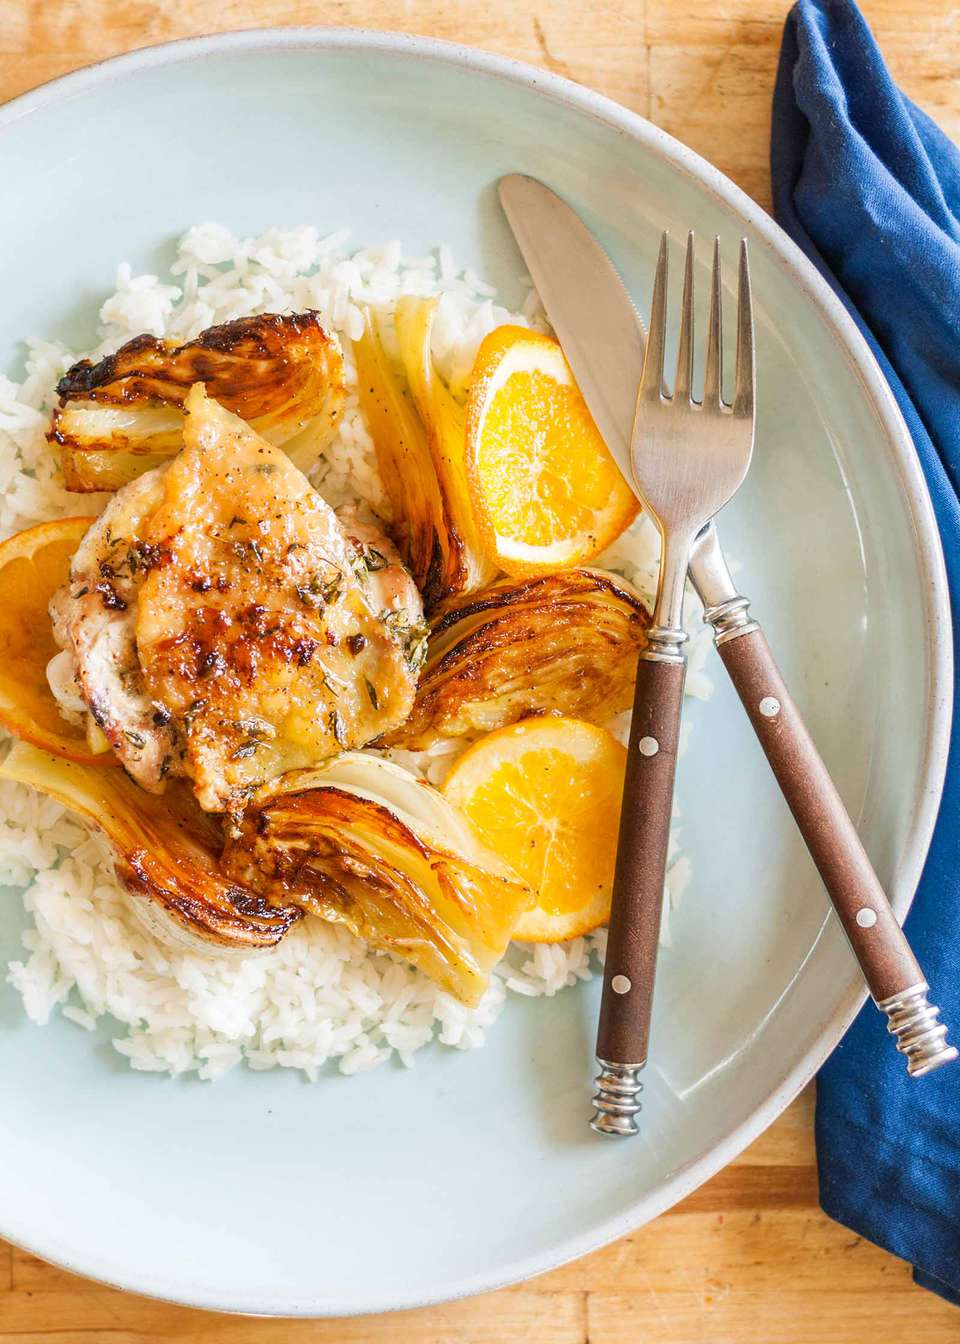 Skillet Roast Chicken with Fennel and Orange